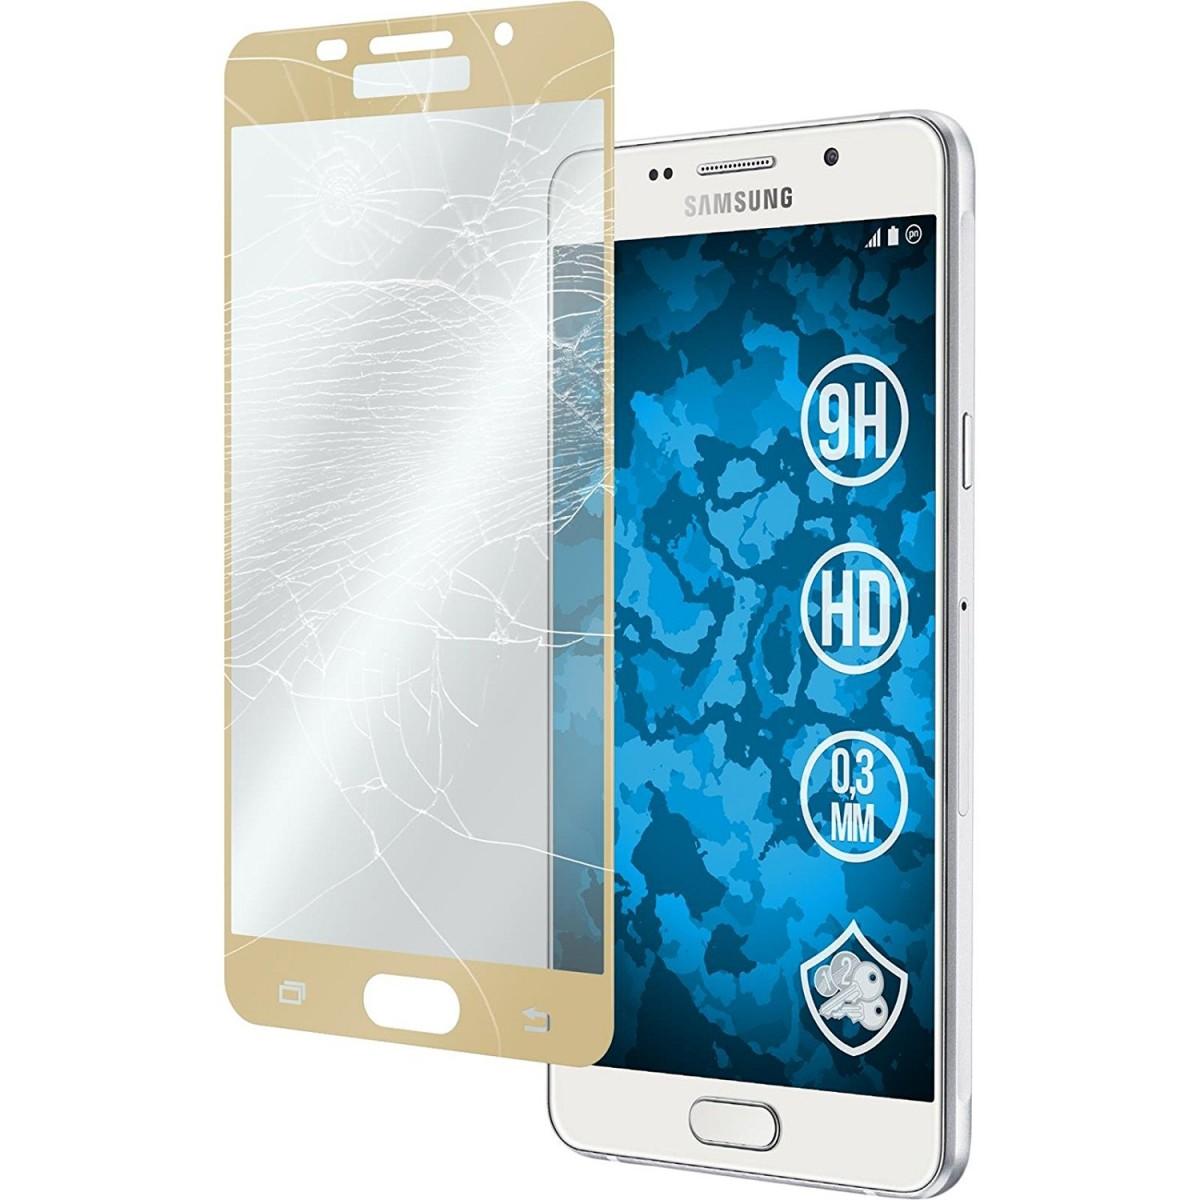 Tvrzené ochranné sklo FullCover na celý displej pro Samsung Galaxy A3 (2016) A310 - Zlaté